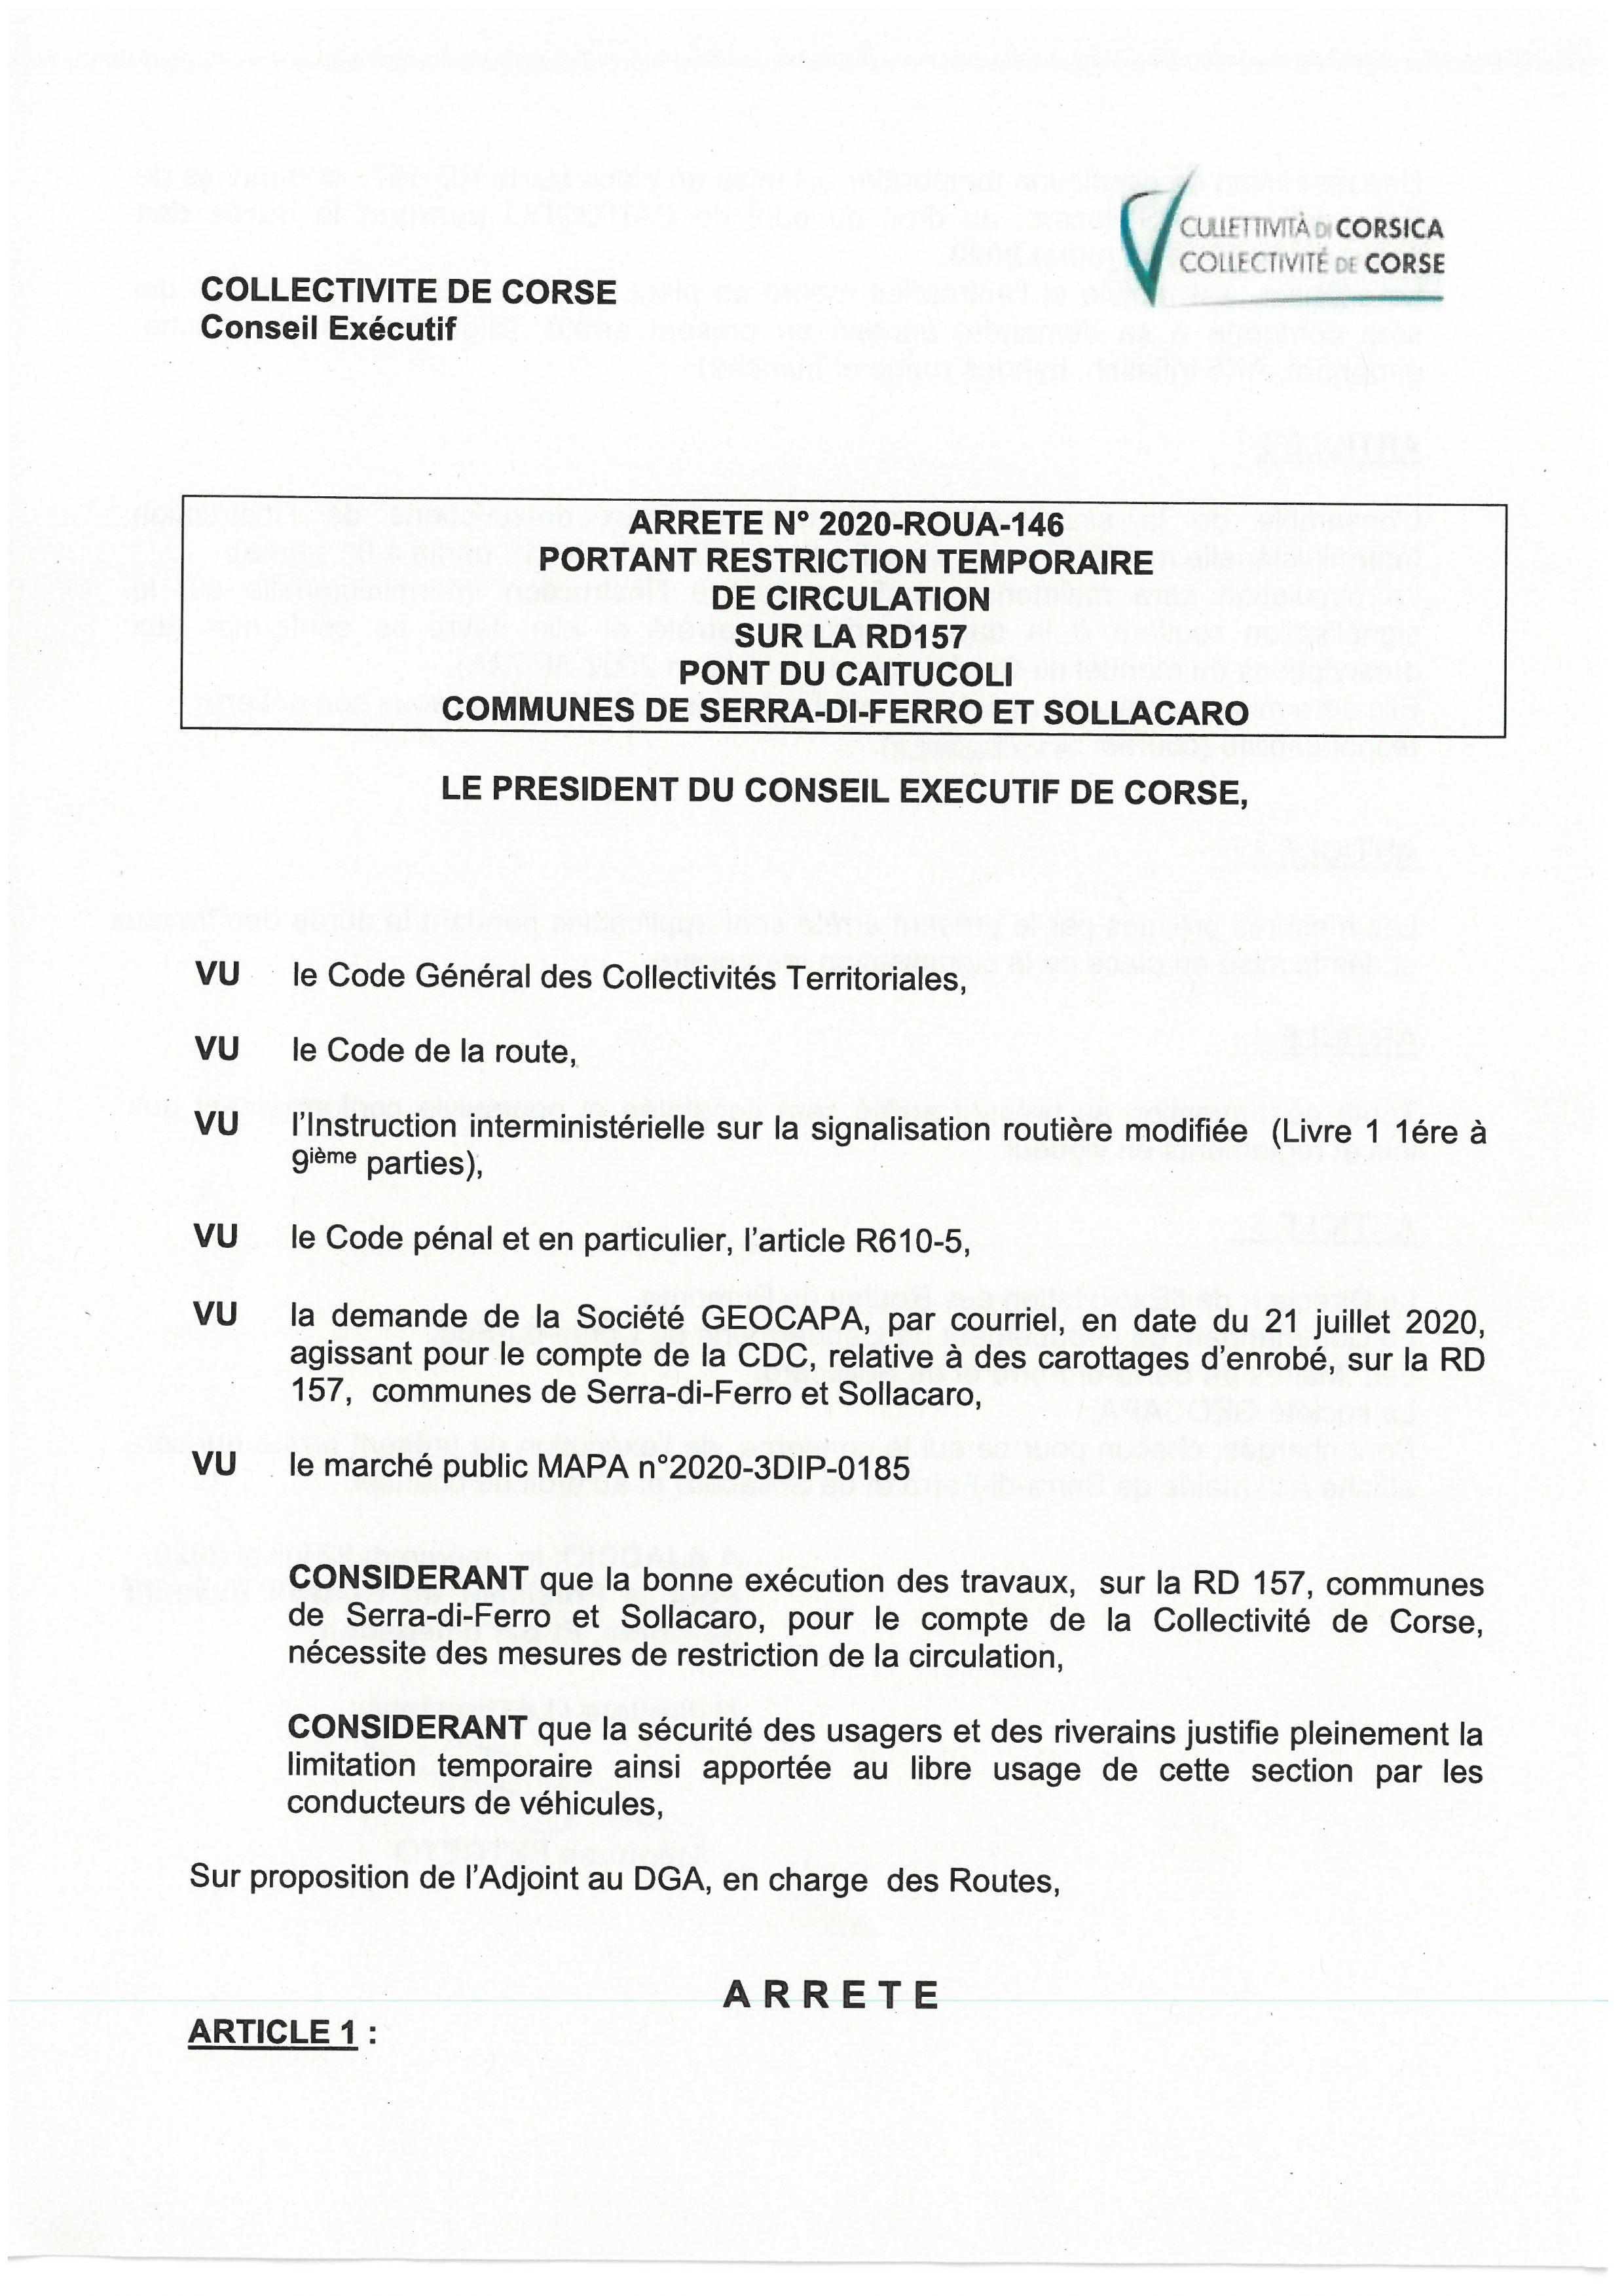 Arrêté n 2020-ROUA-146  portant   restriction temporaire de circulation sur la RD 157 pont du Caitucoli sur les communes de Serra di Ferro et Sollacaro le 30 et 31 juillet 2020